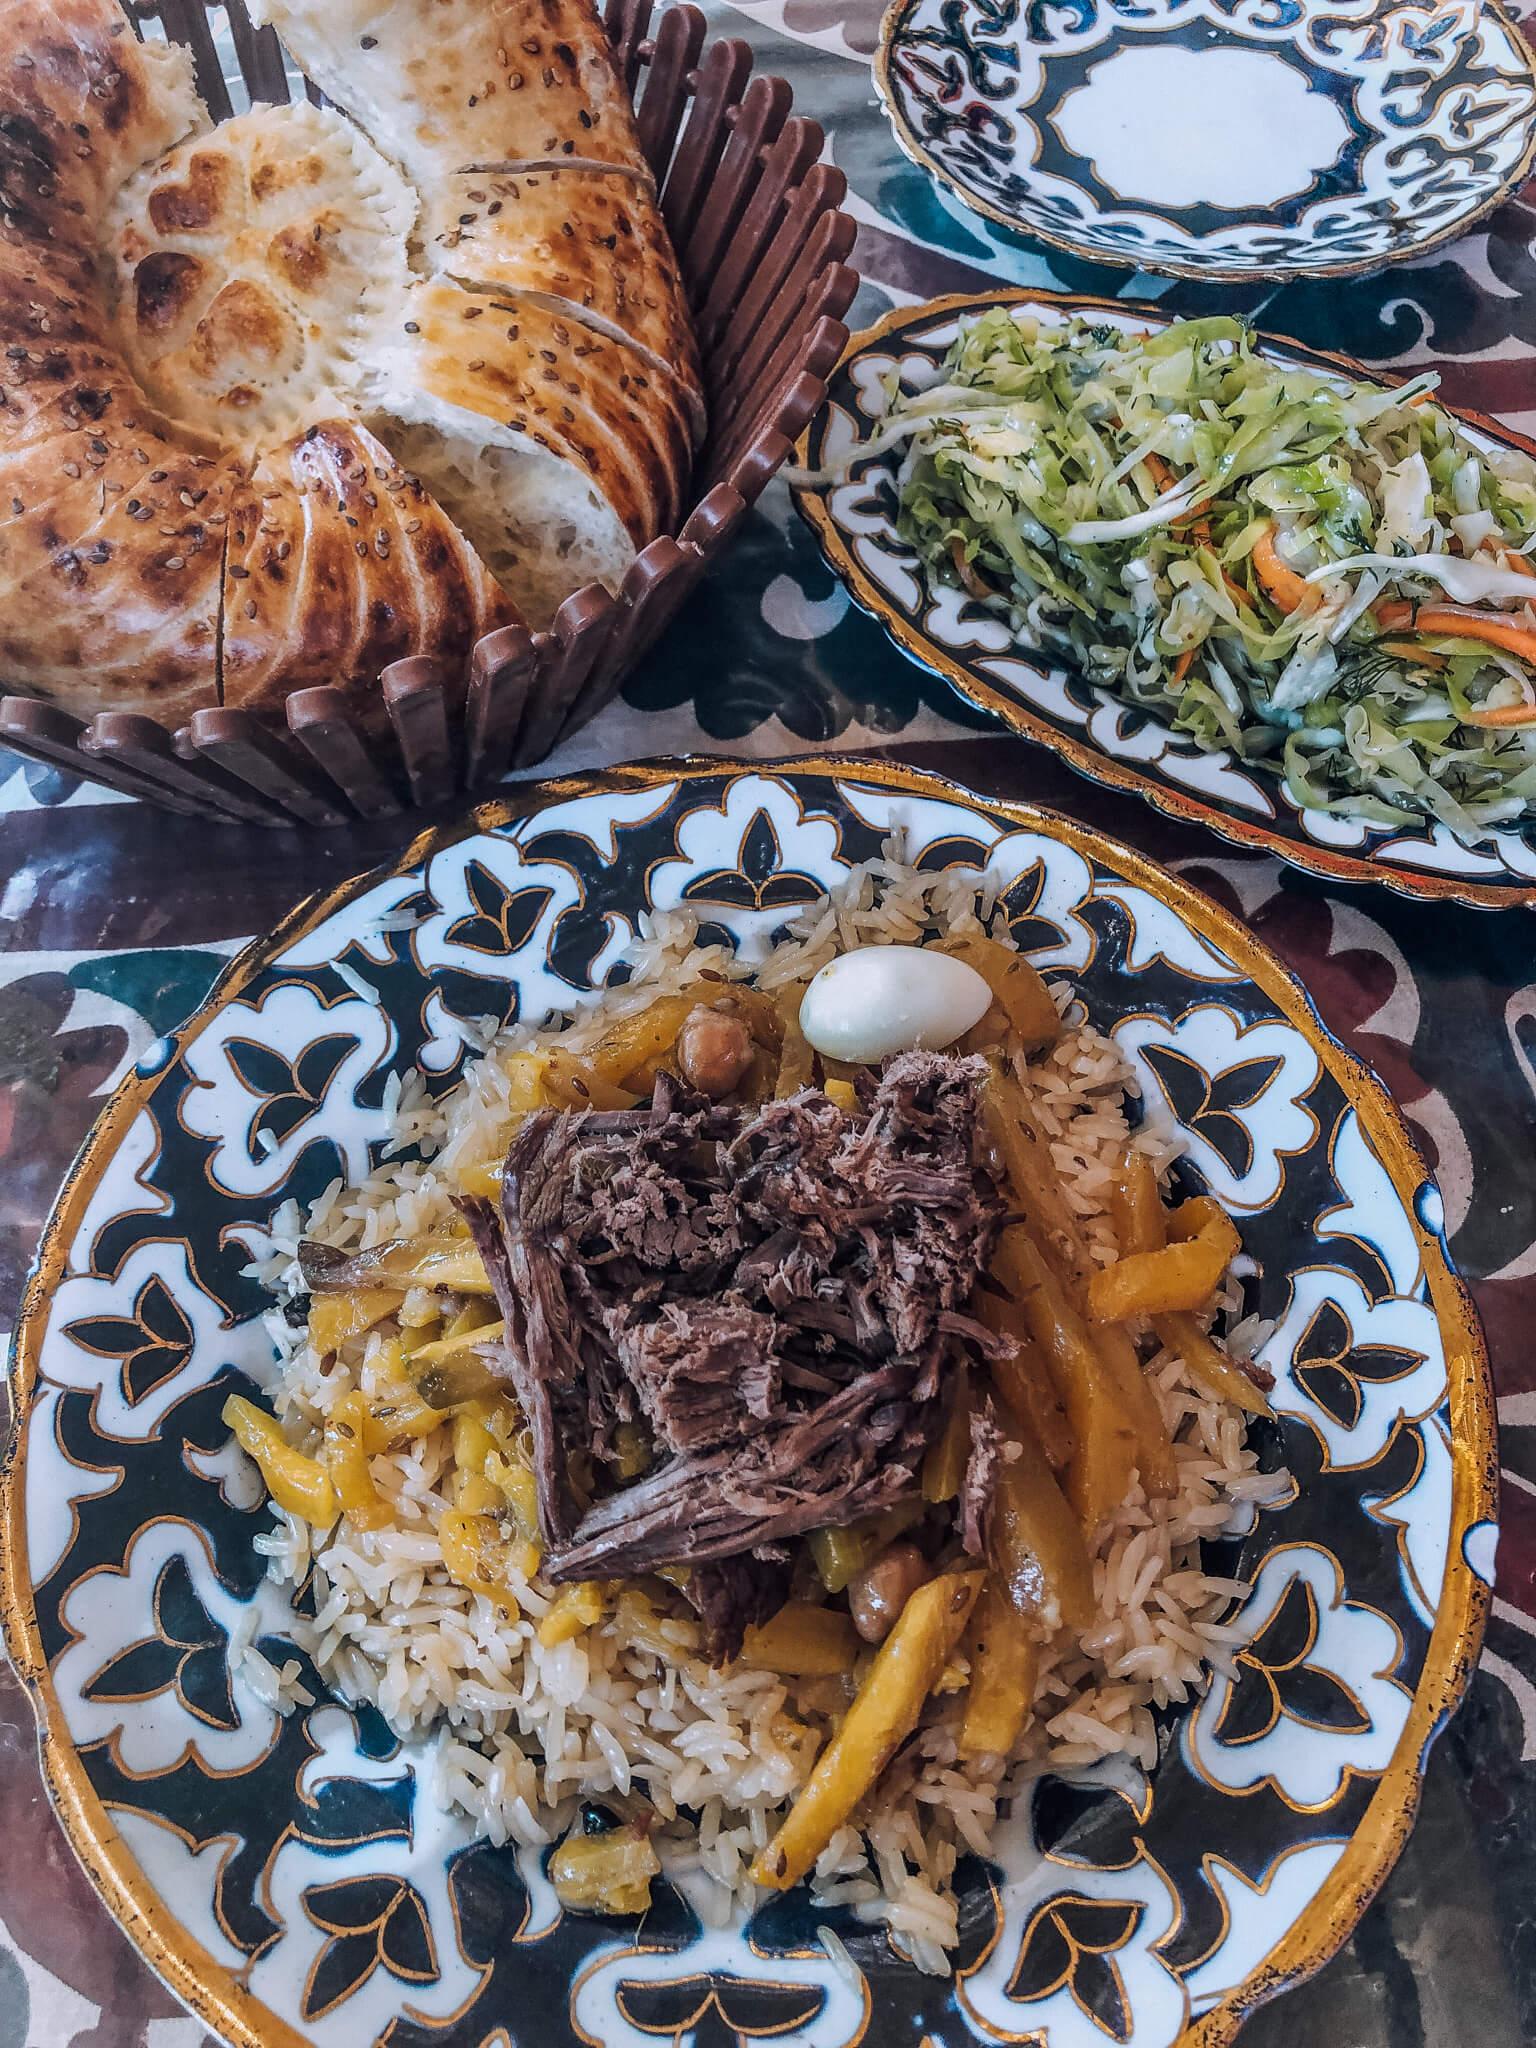 Plov - one of the staples of Uzbek Cuisine